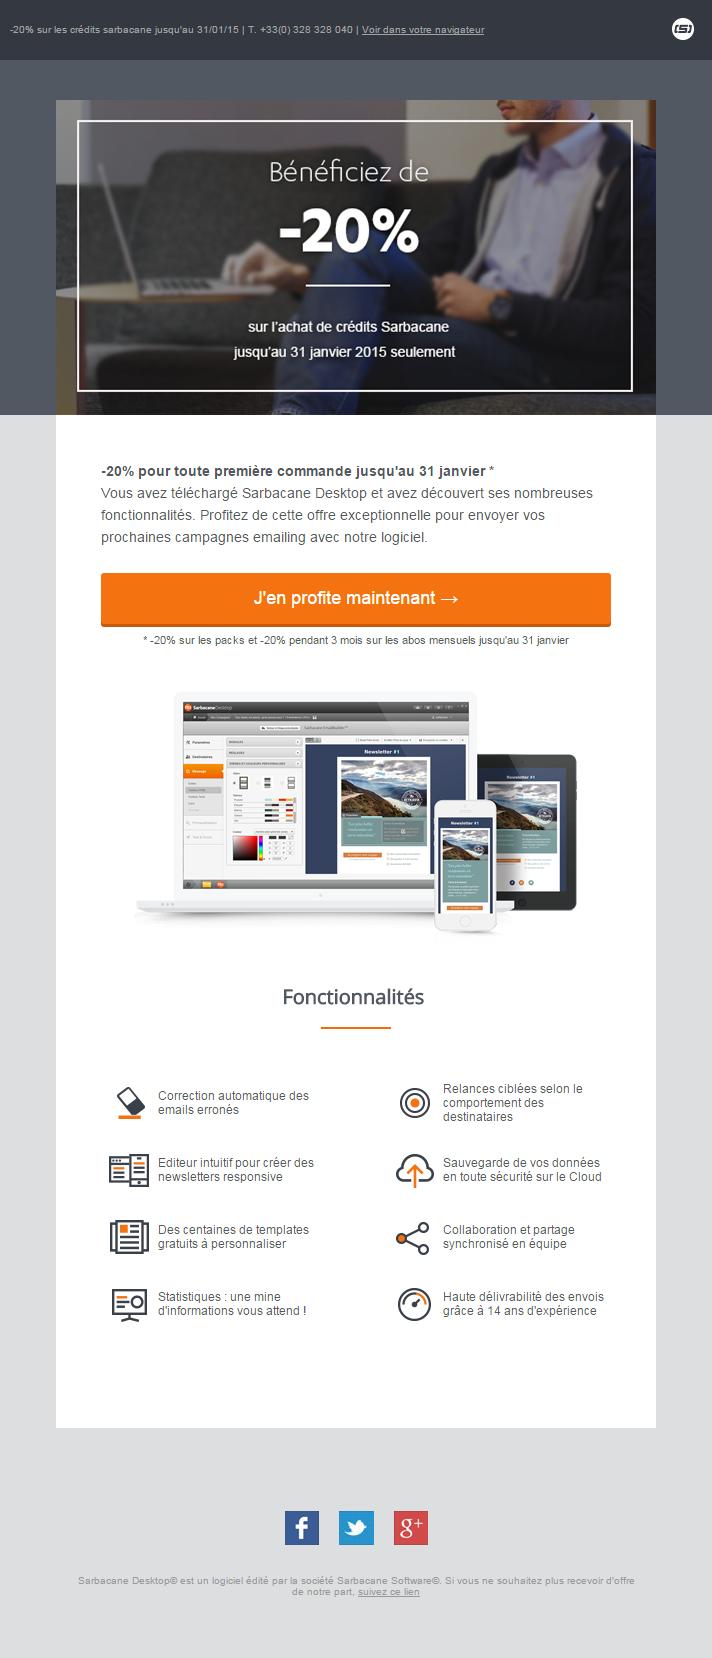 screencapture-blog-sarbacane-com-campagnes-2015-01-21